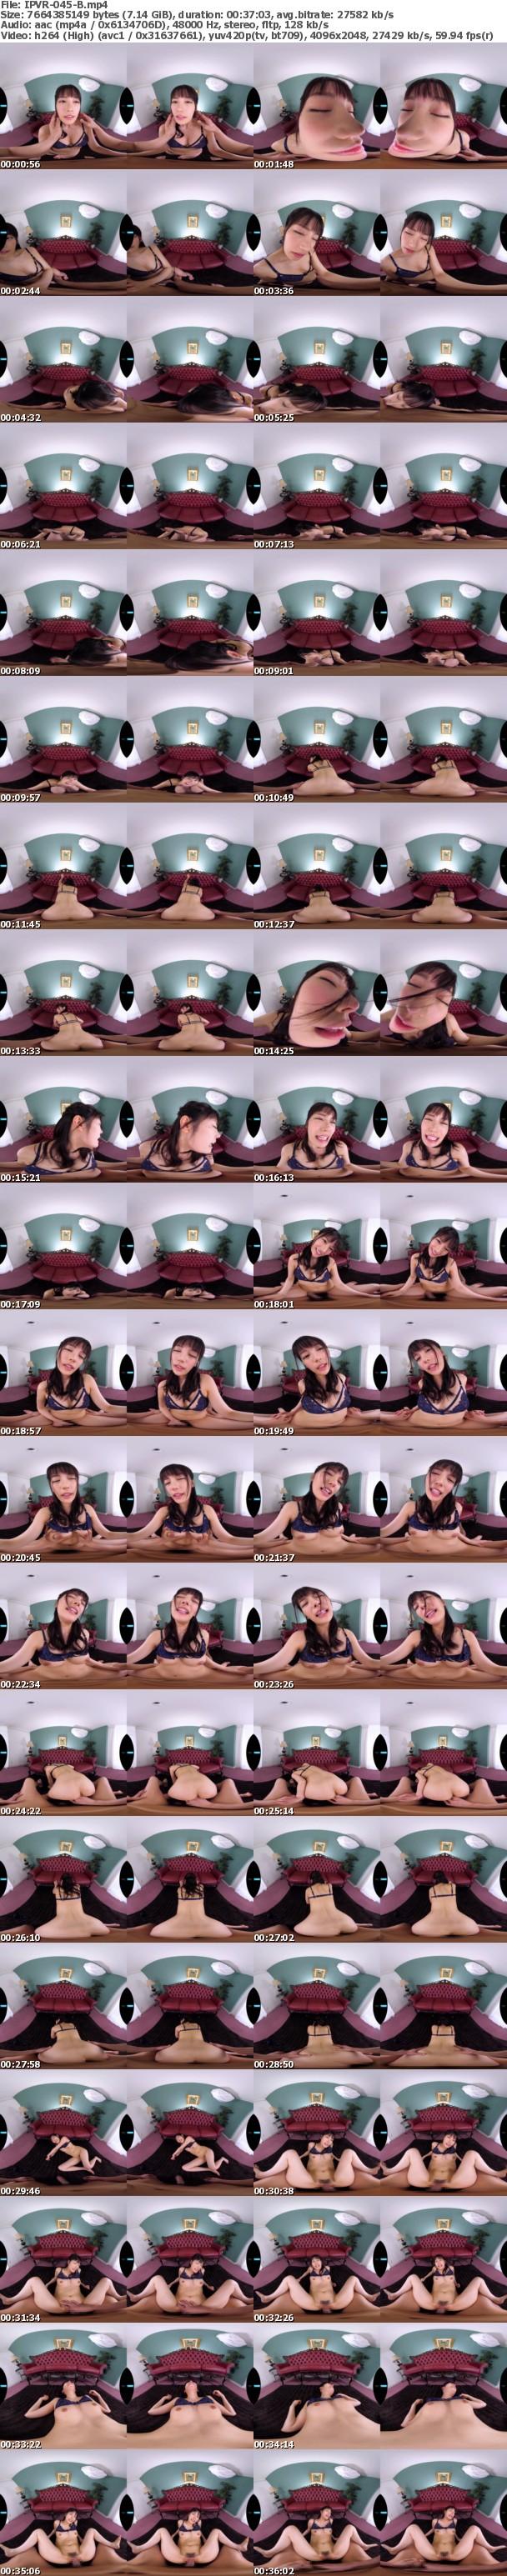 (VR) IPVR-045 「あなたにイカされたい 」 イッてもイッても止めない!絶頂後にヴァーチャル追撃ピストン体感 視聴者主導型VR作品!プレイヤーはアナタ! 楓カレン